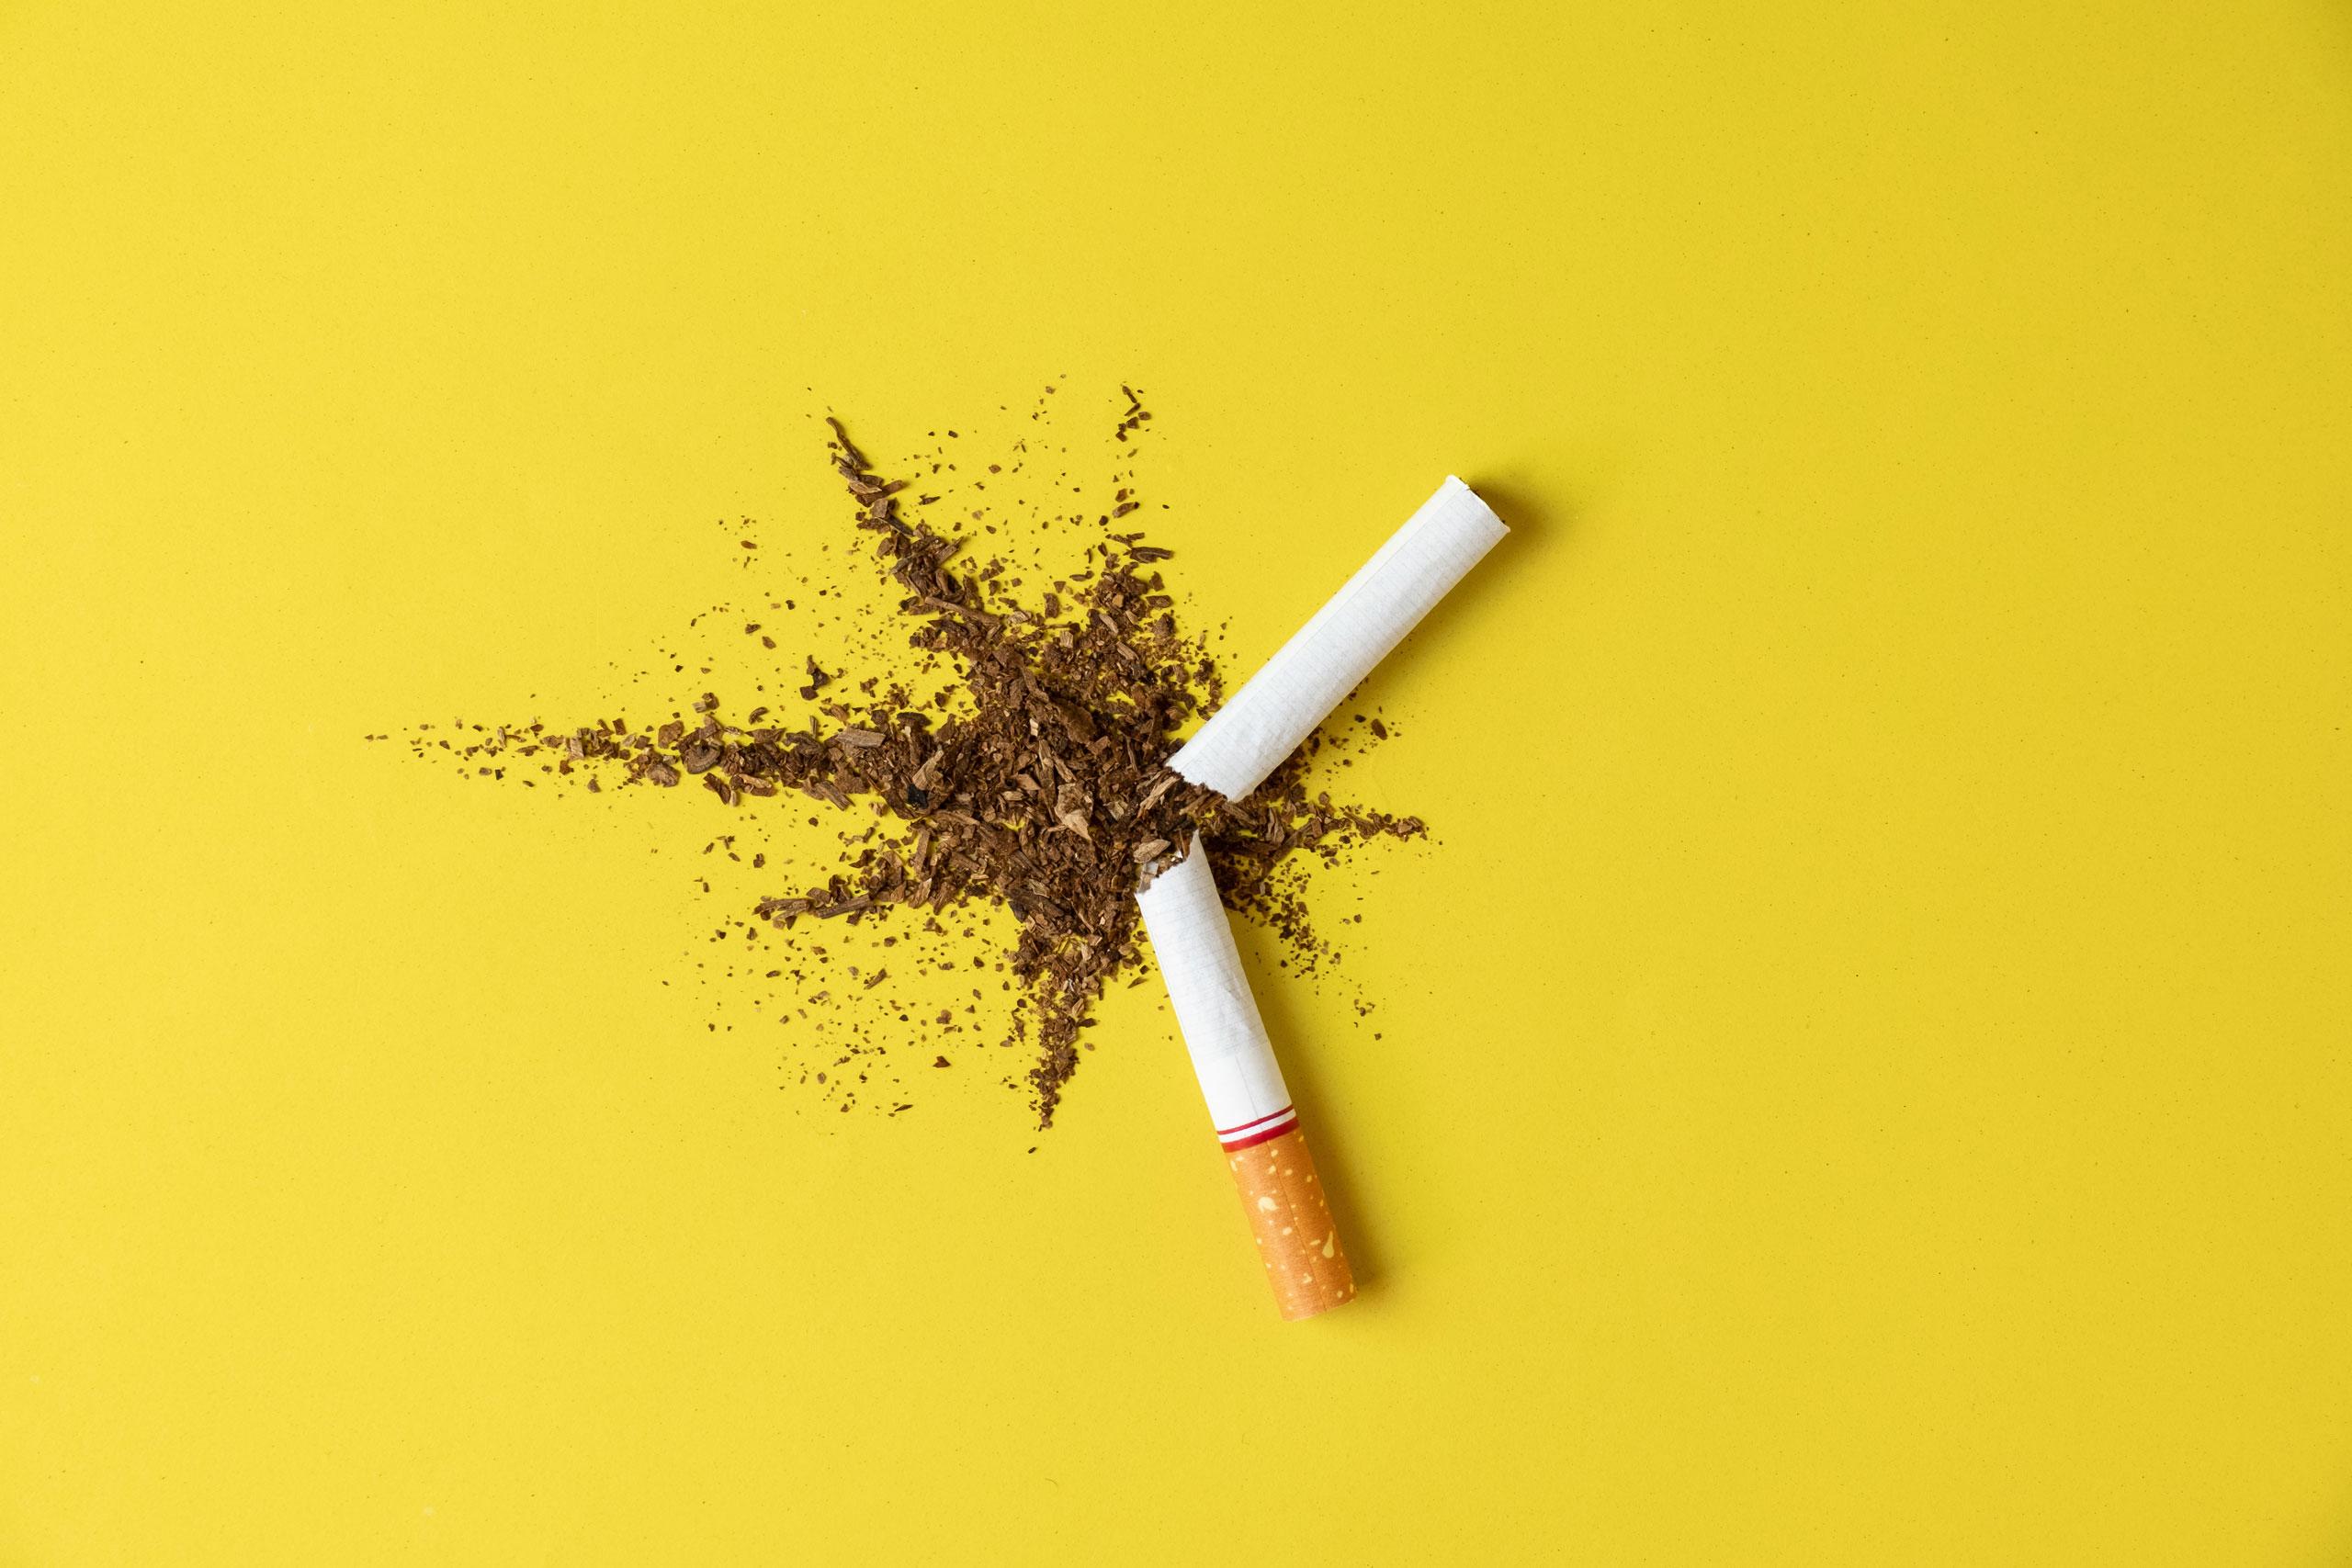 Przełamany papieros z wysypanym tytoniem